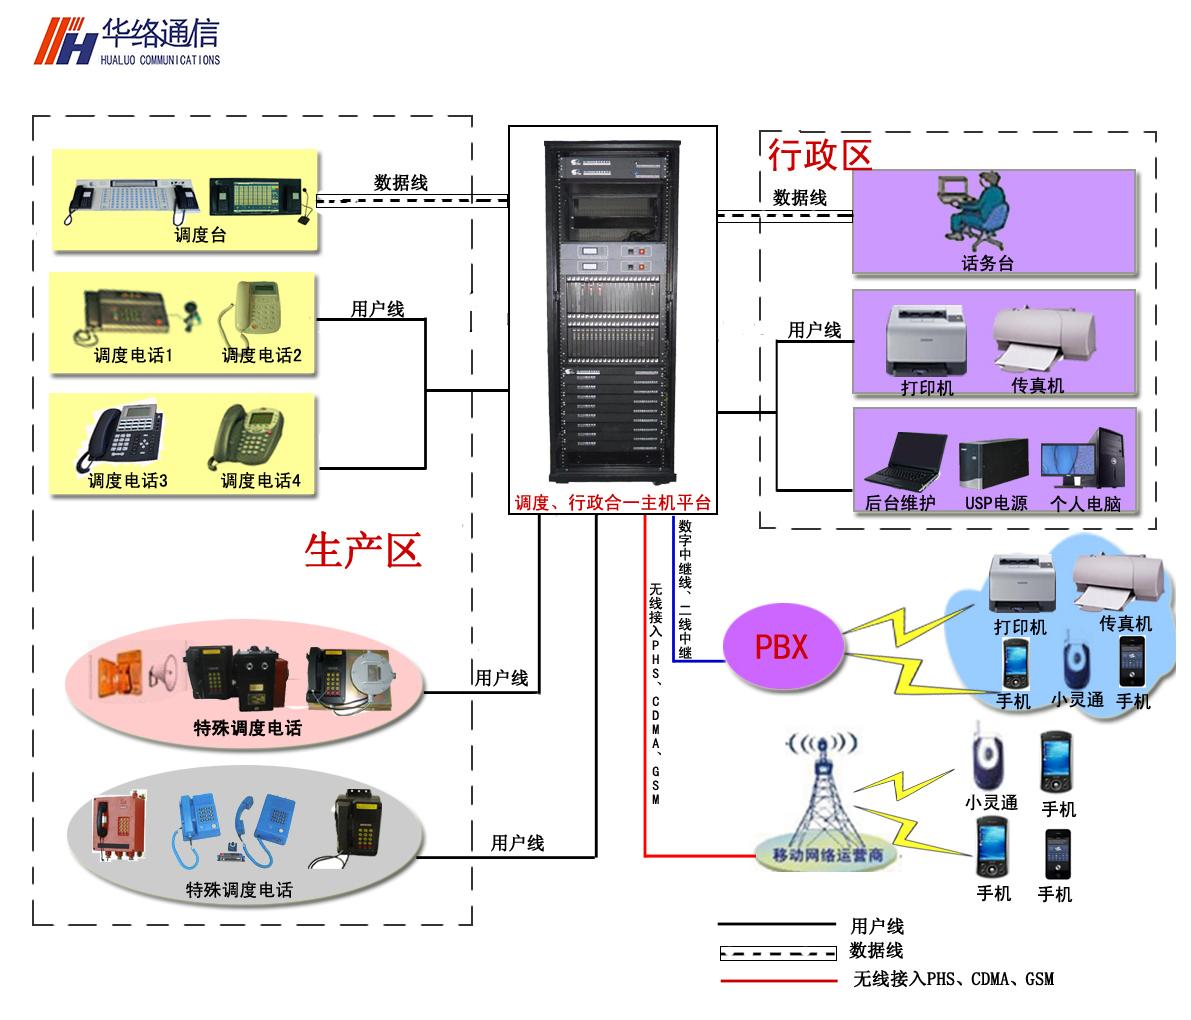 行政调度合一组网方案3.jpg